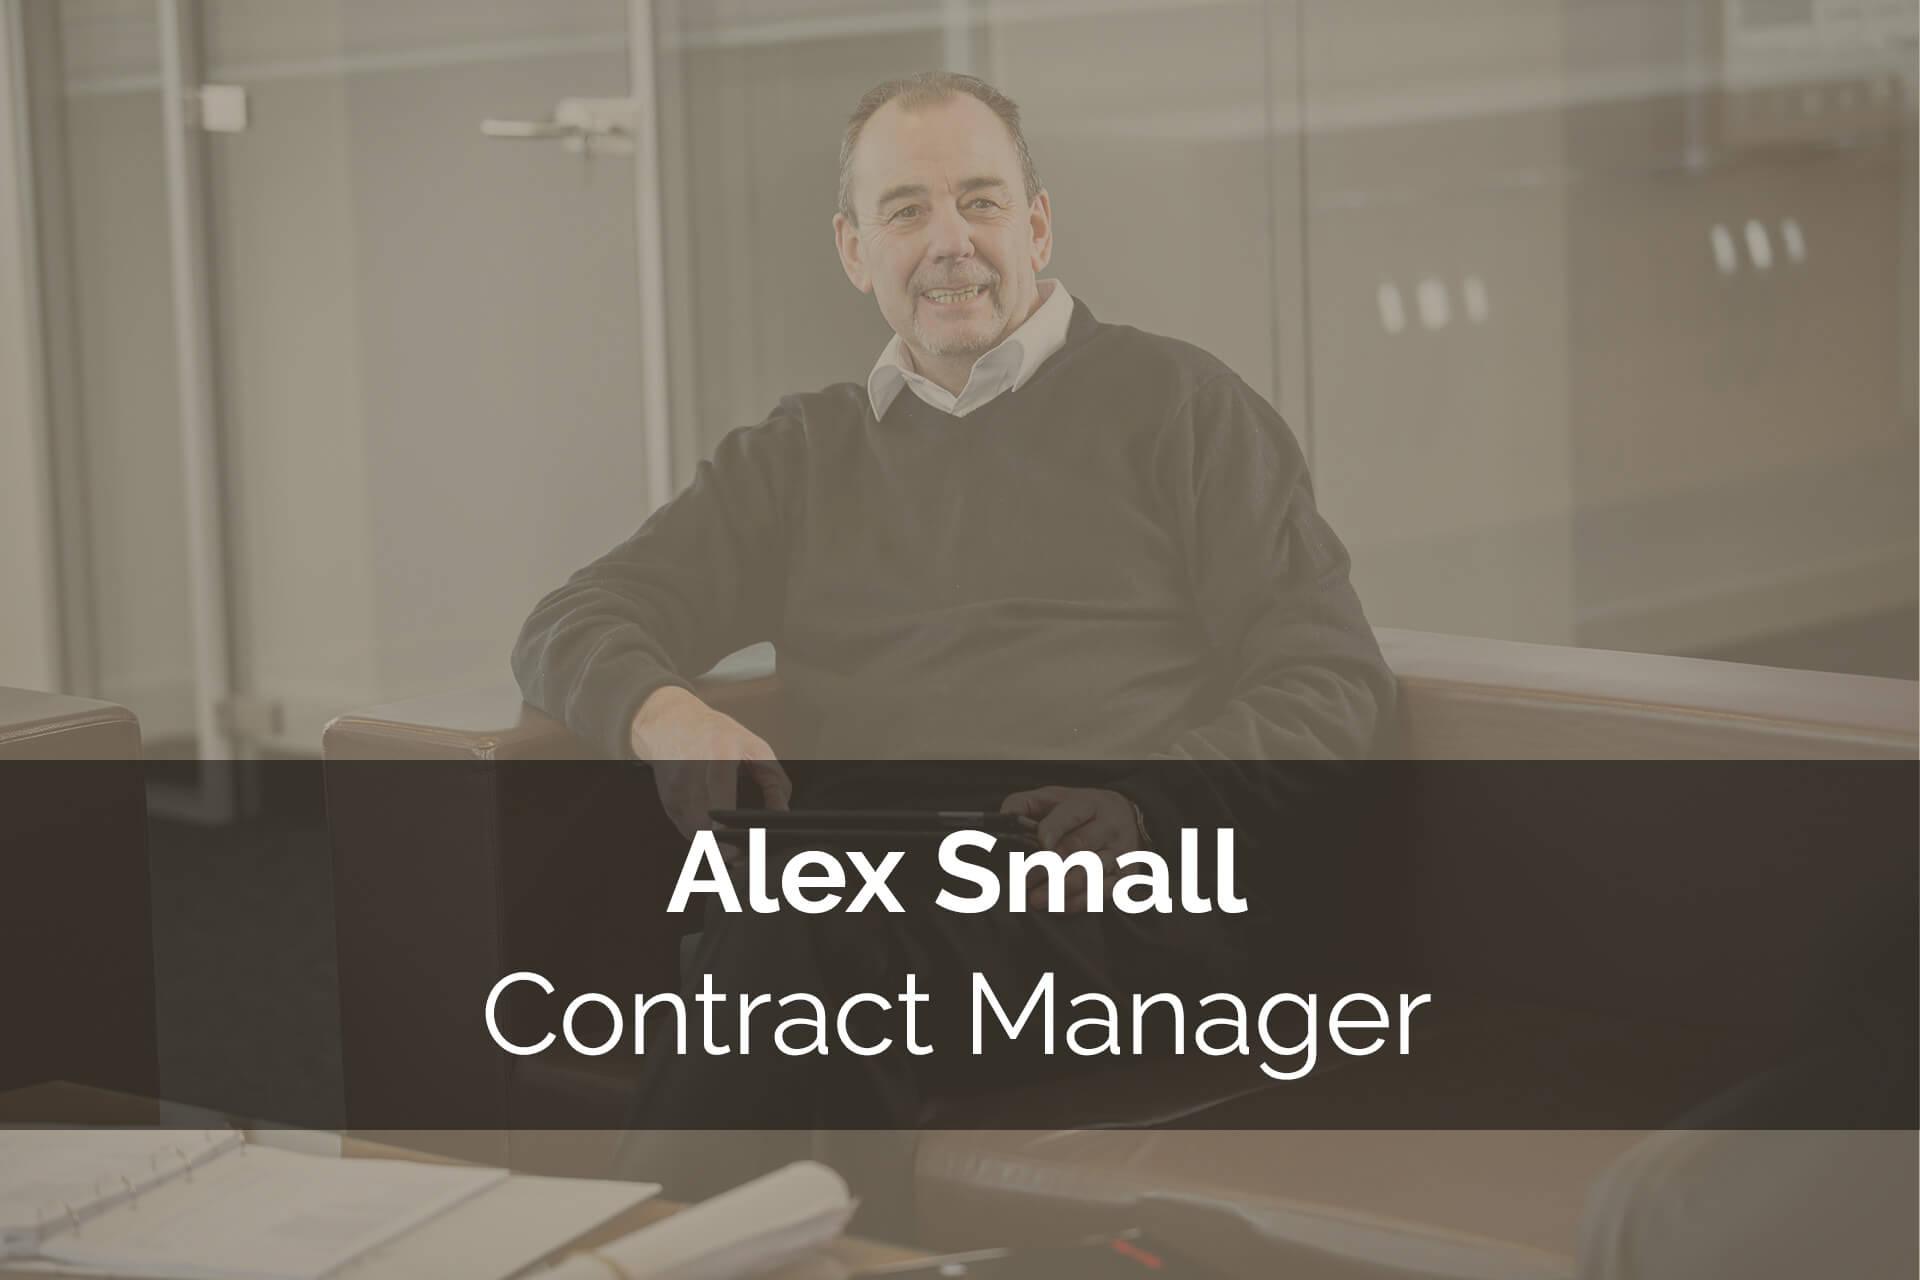 Alex Small